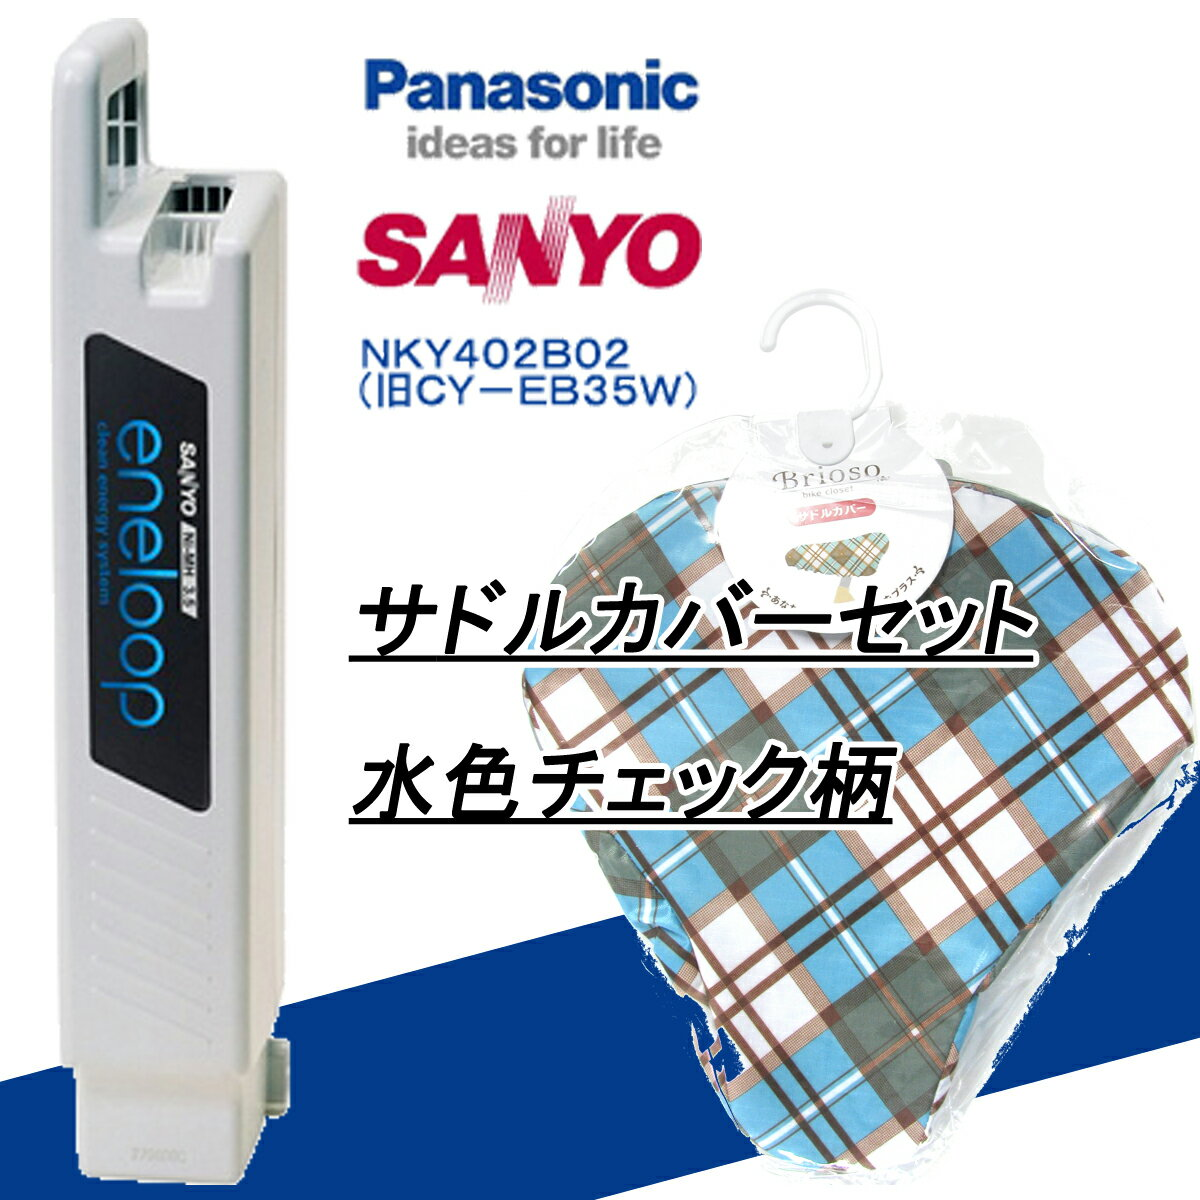 パナソニック サドルカバーセット サンヨー電動自転車バッテリー NKY402B02 (旧CY-EB35W)